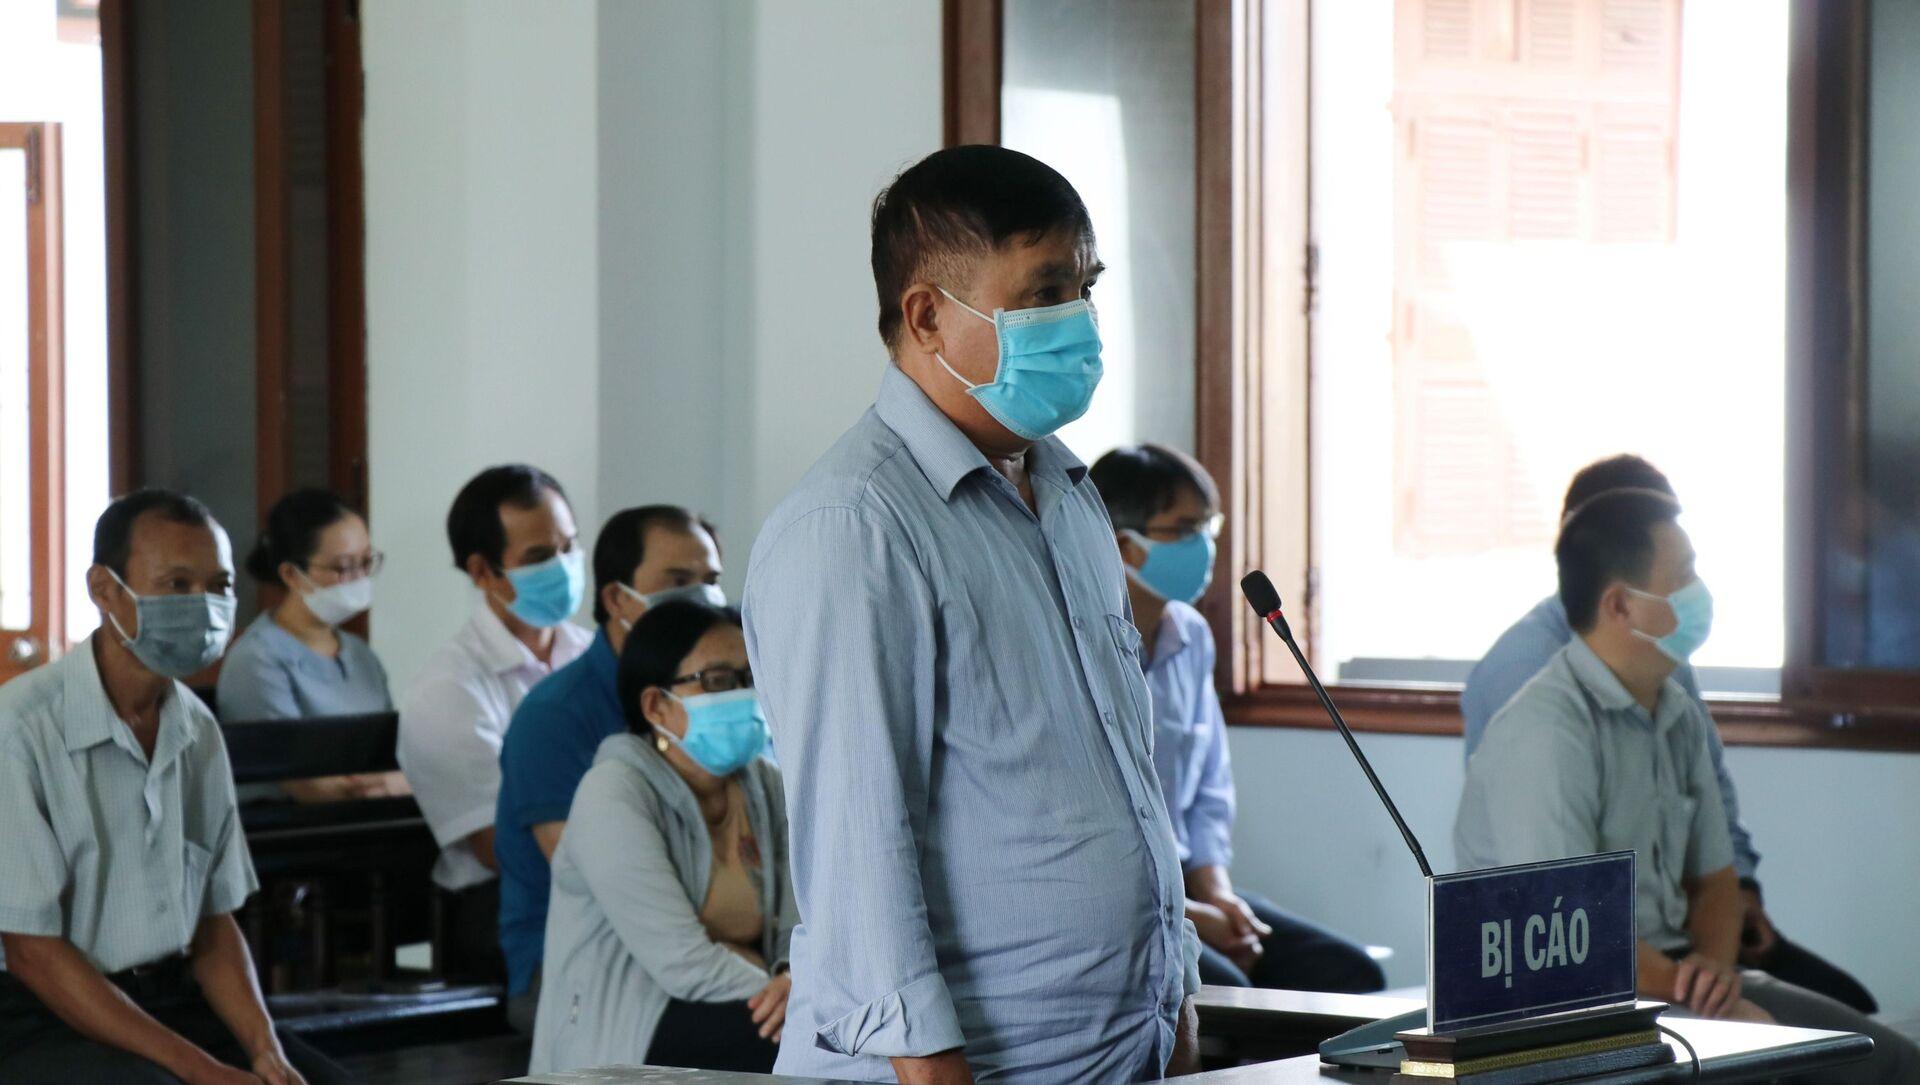 Bị cáo Phạm Văn Dũng, nguyên Phó Giám đốc Sở Nội vụ Phú Yên tại phiên tòa - Sputnik Việt Nam, 1920, 25.09.2021